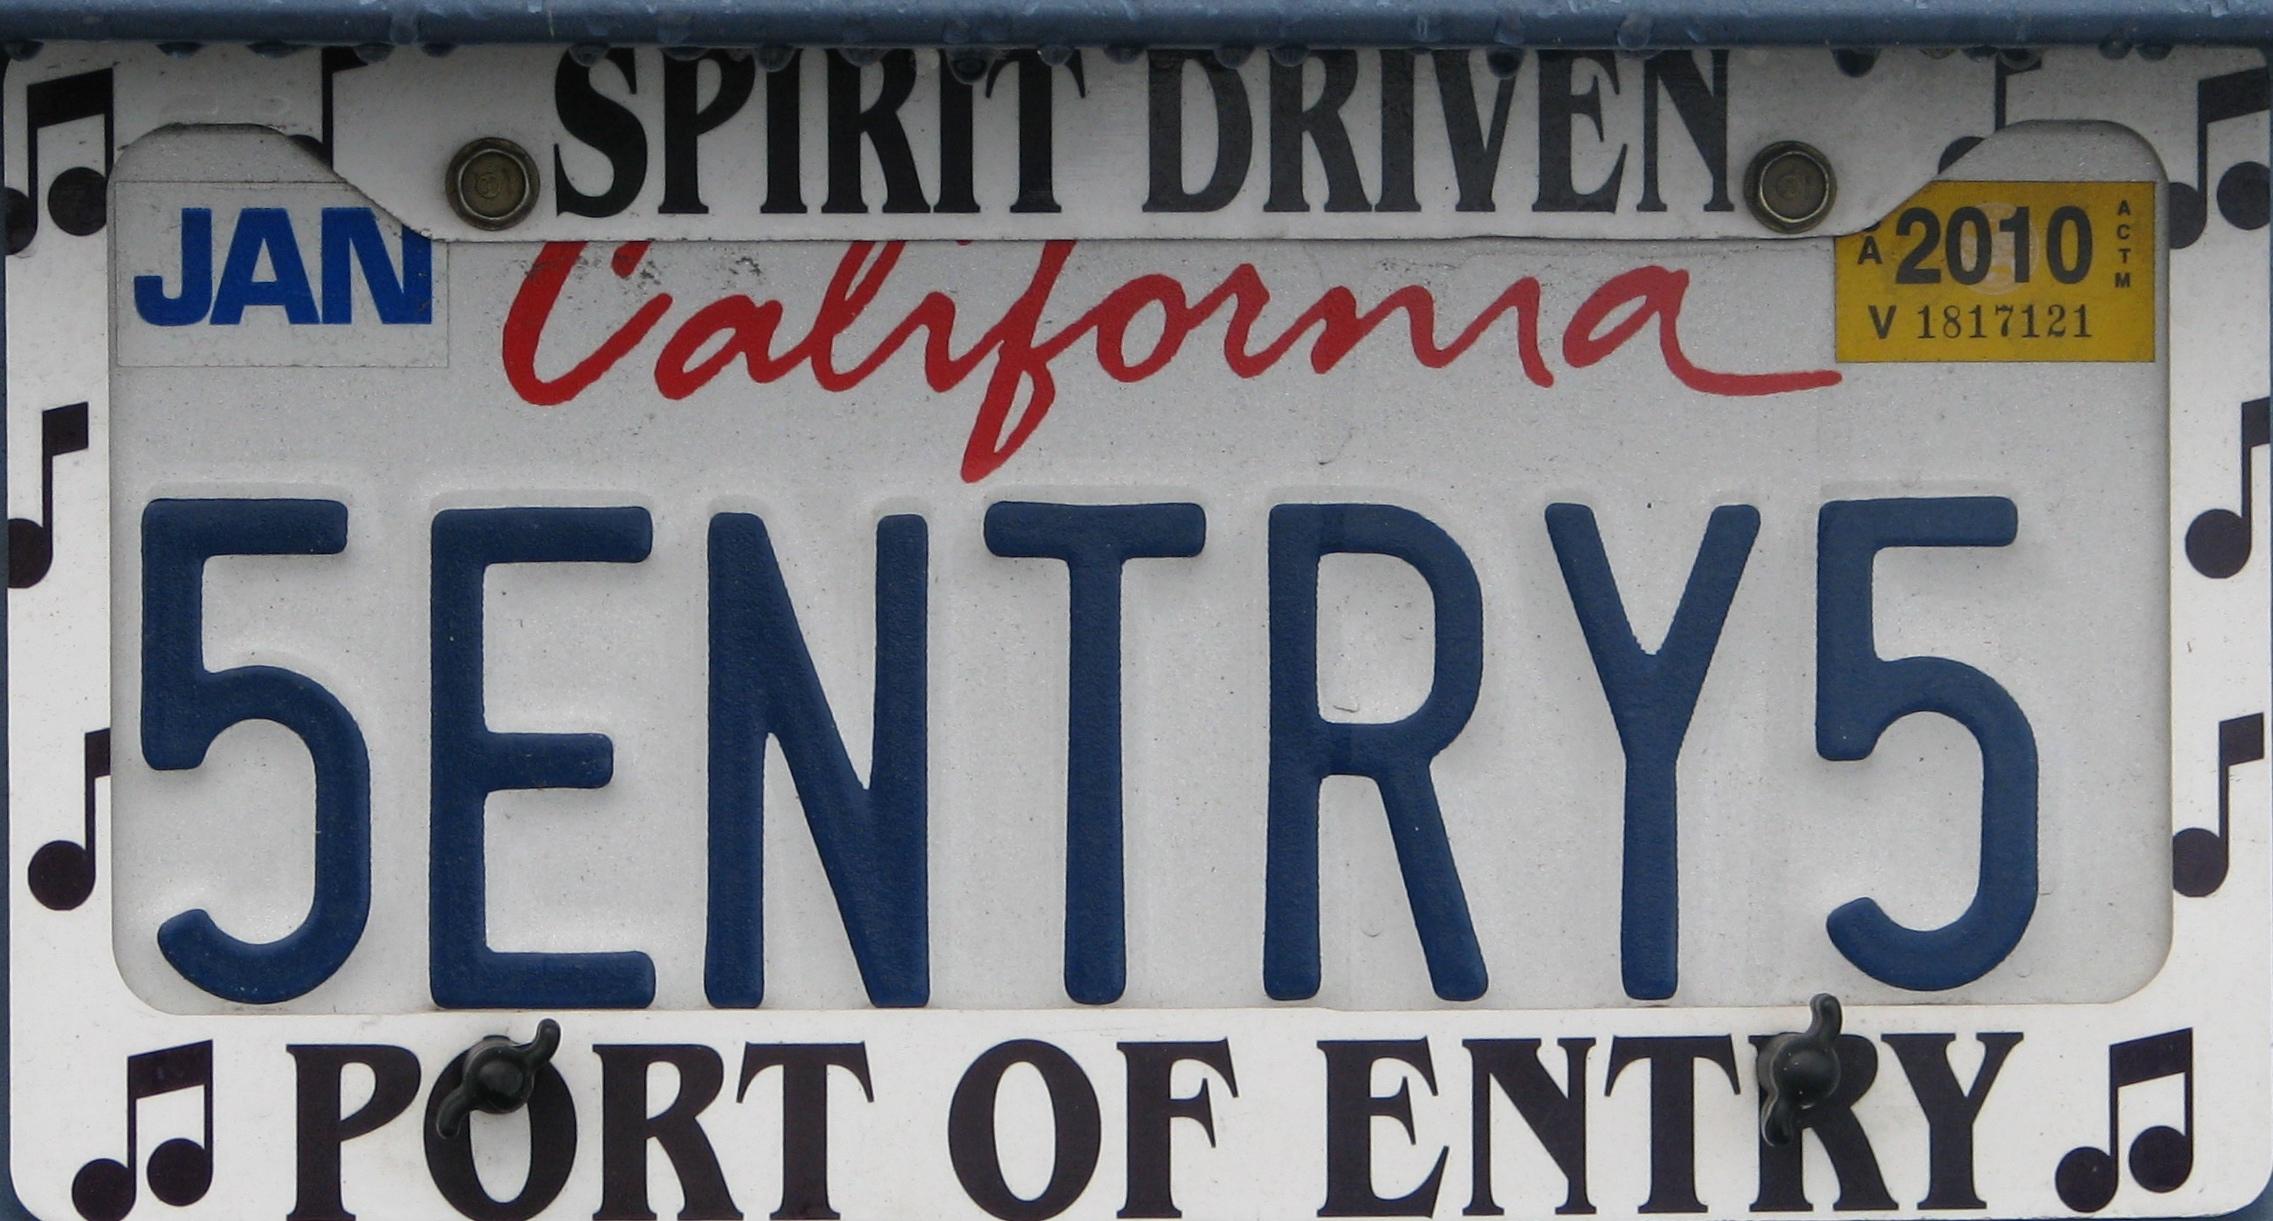 CA.5ENTRY5.JPG